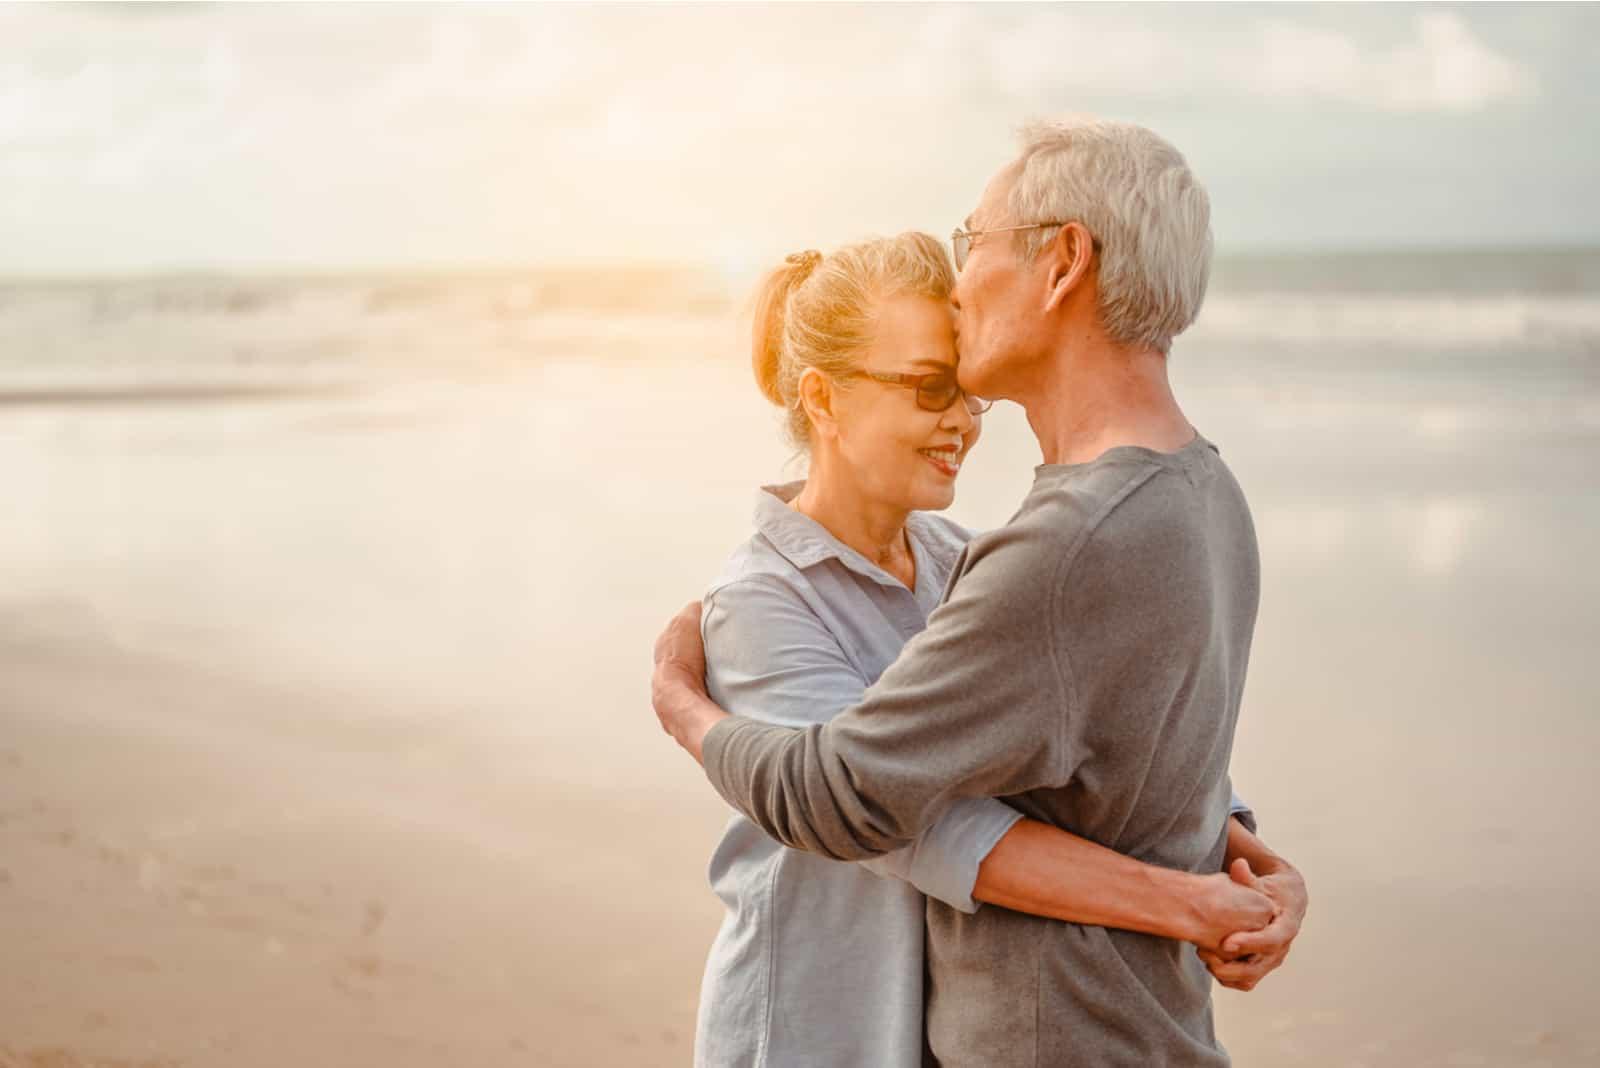 Seniorenliebende umarmen und küssen sich im Sonnenuntergang am Strand